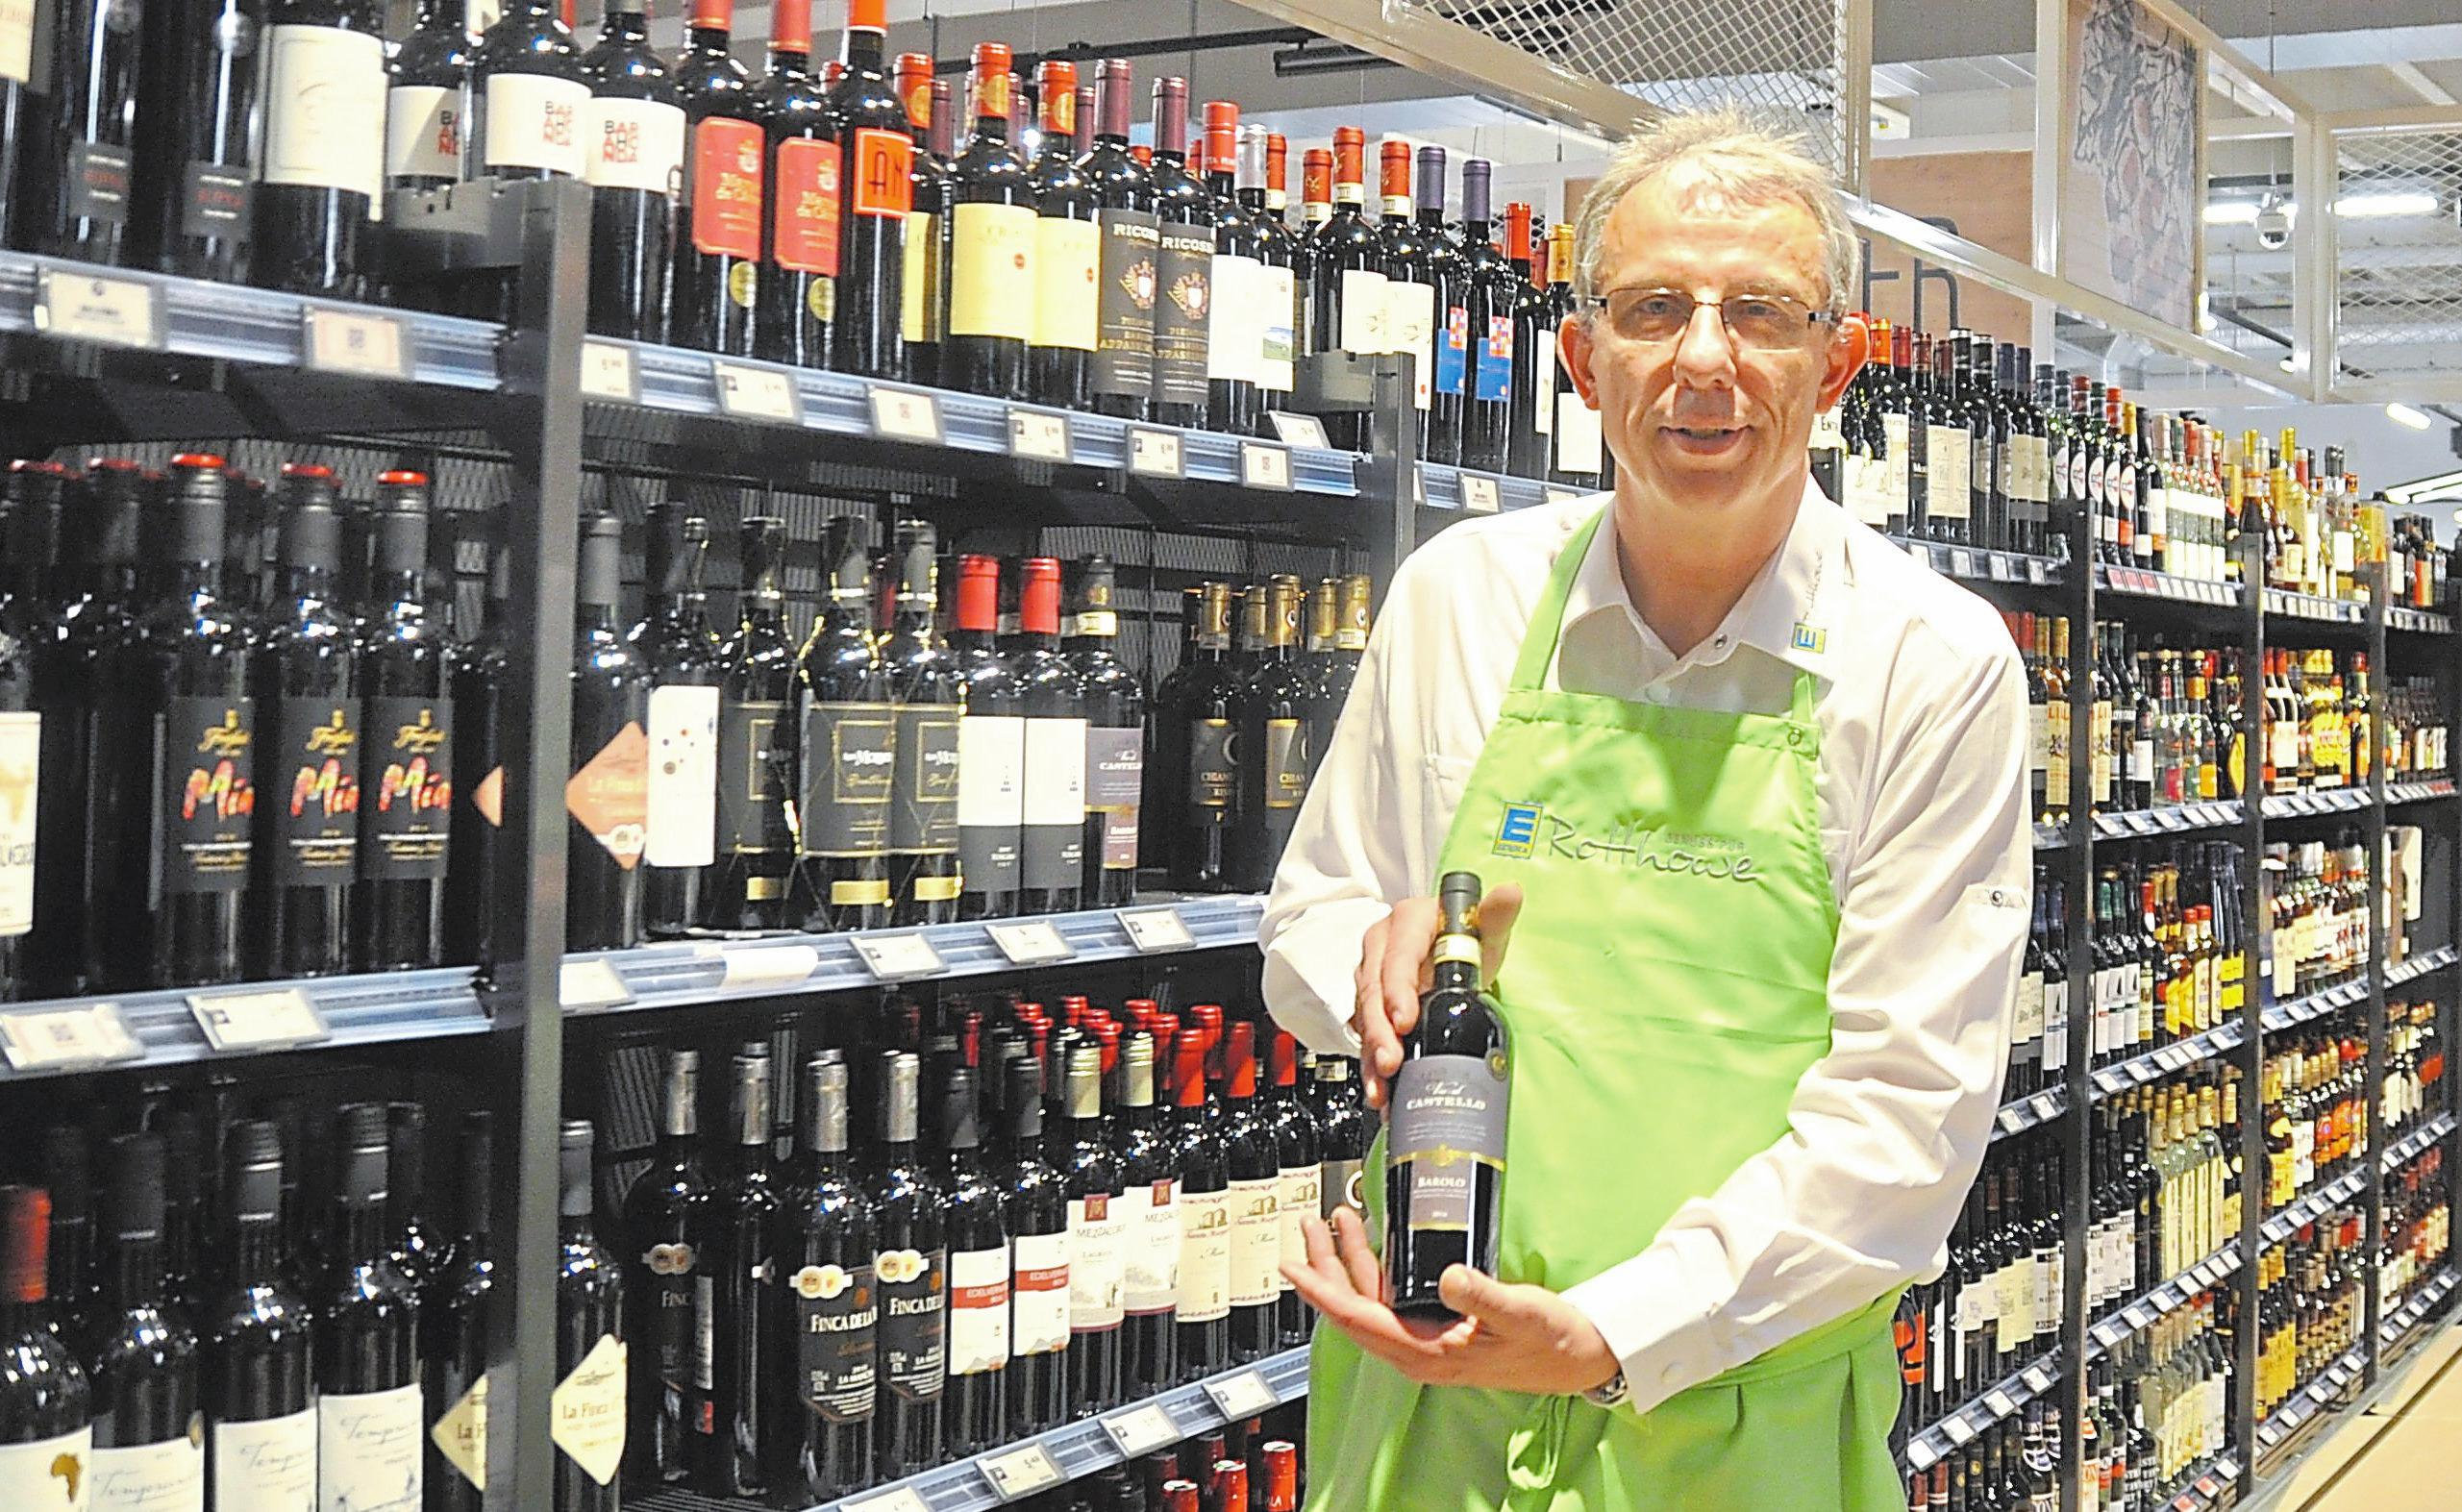 120 Quadratmeter voller Weine und Spirituosen: Marktleiter Karl-Heinz Cieslik hat eine Vielzahl an edlen Tropfen im Sortiment.